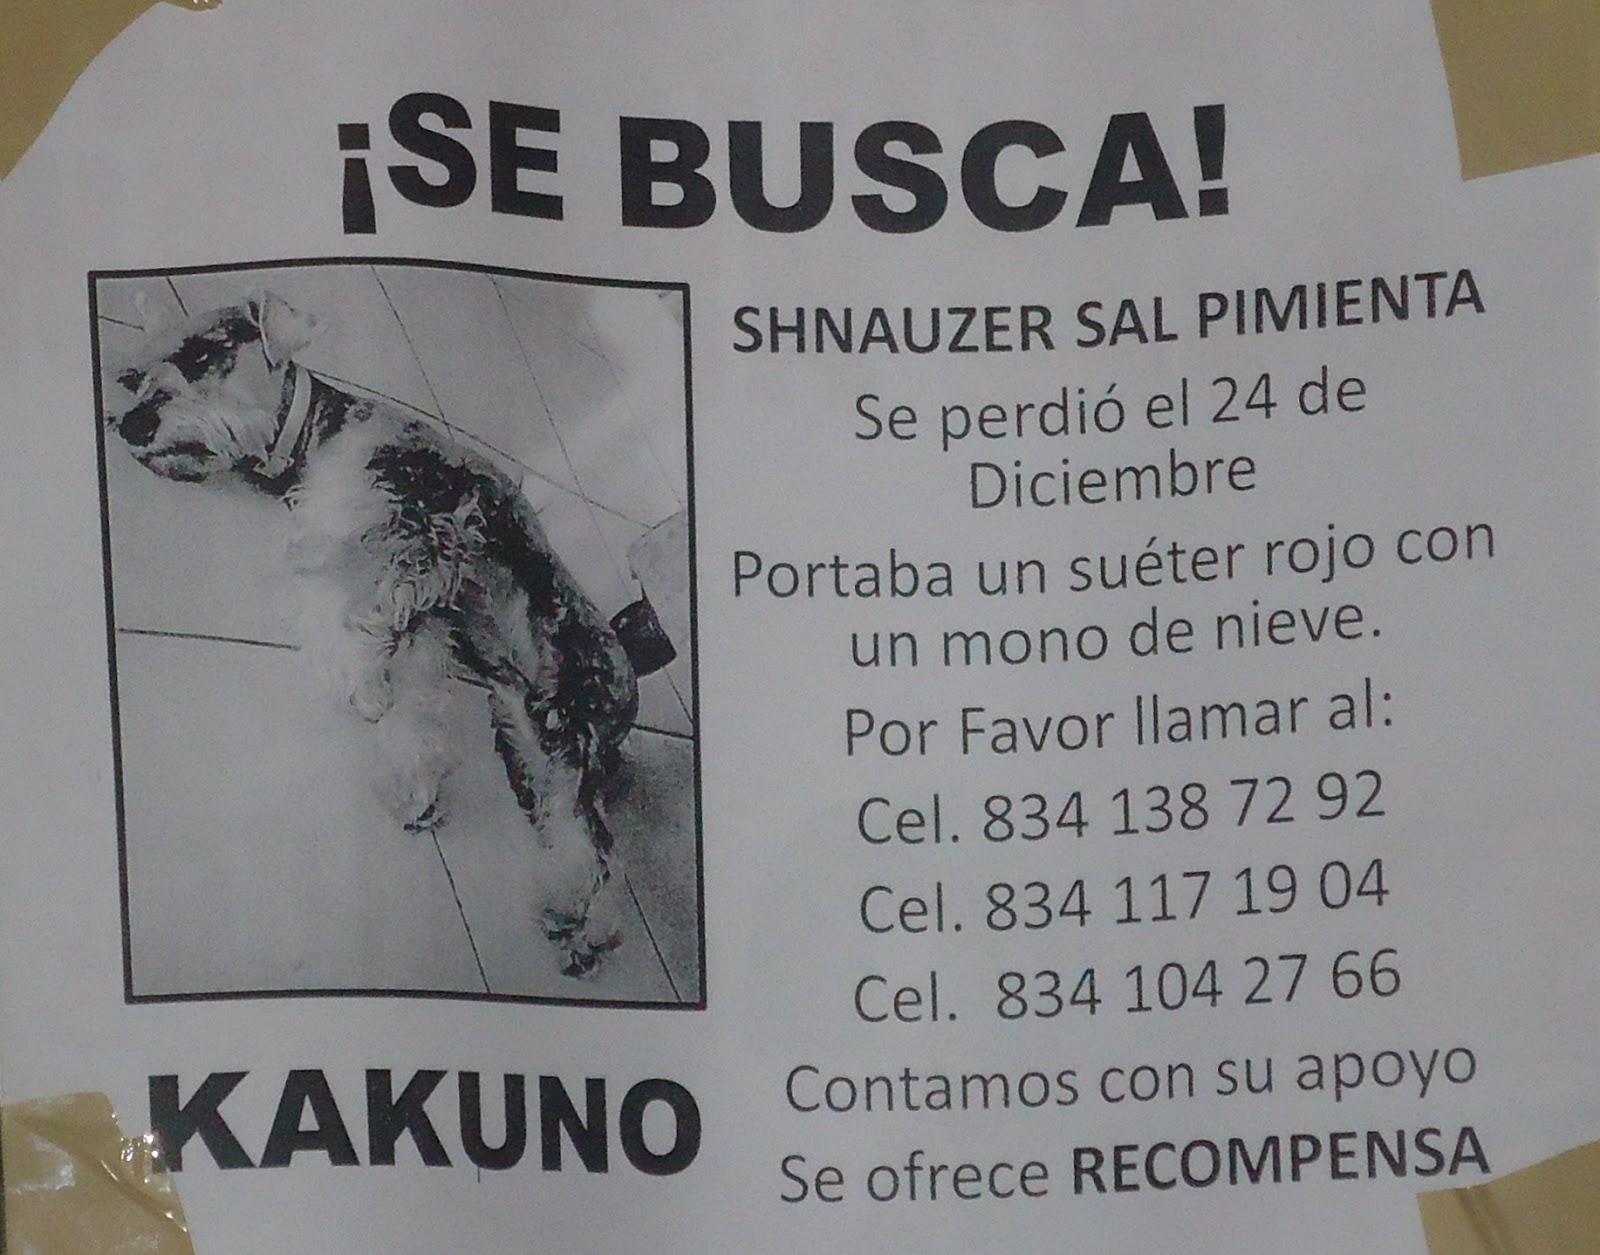 Mascotas Perdidas. Ciudad Victoria, Tamaulipas: diciembre 2012